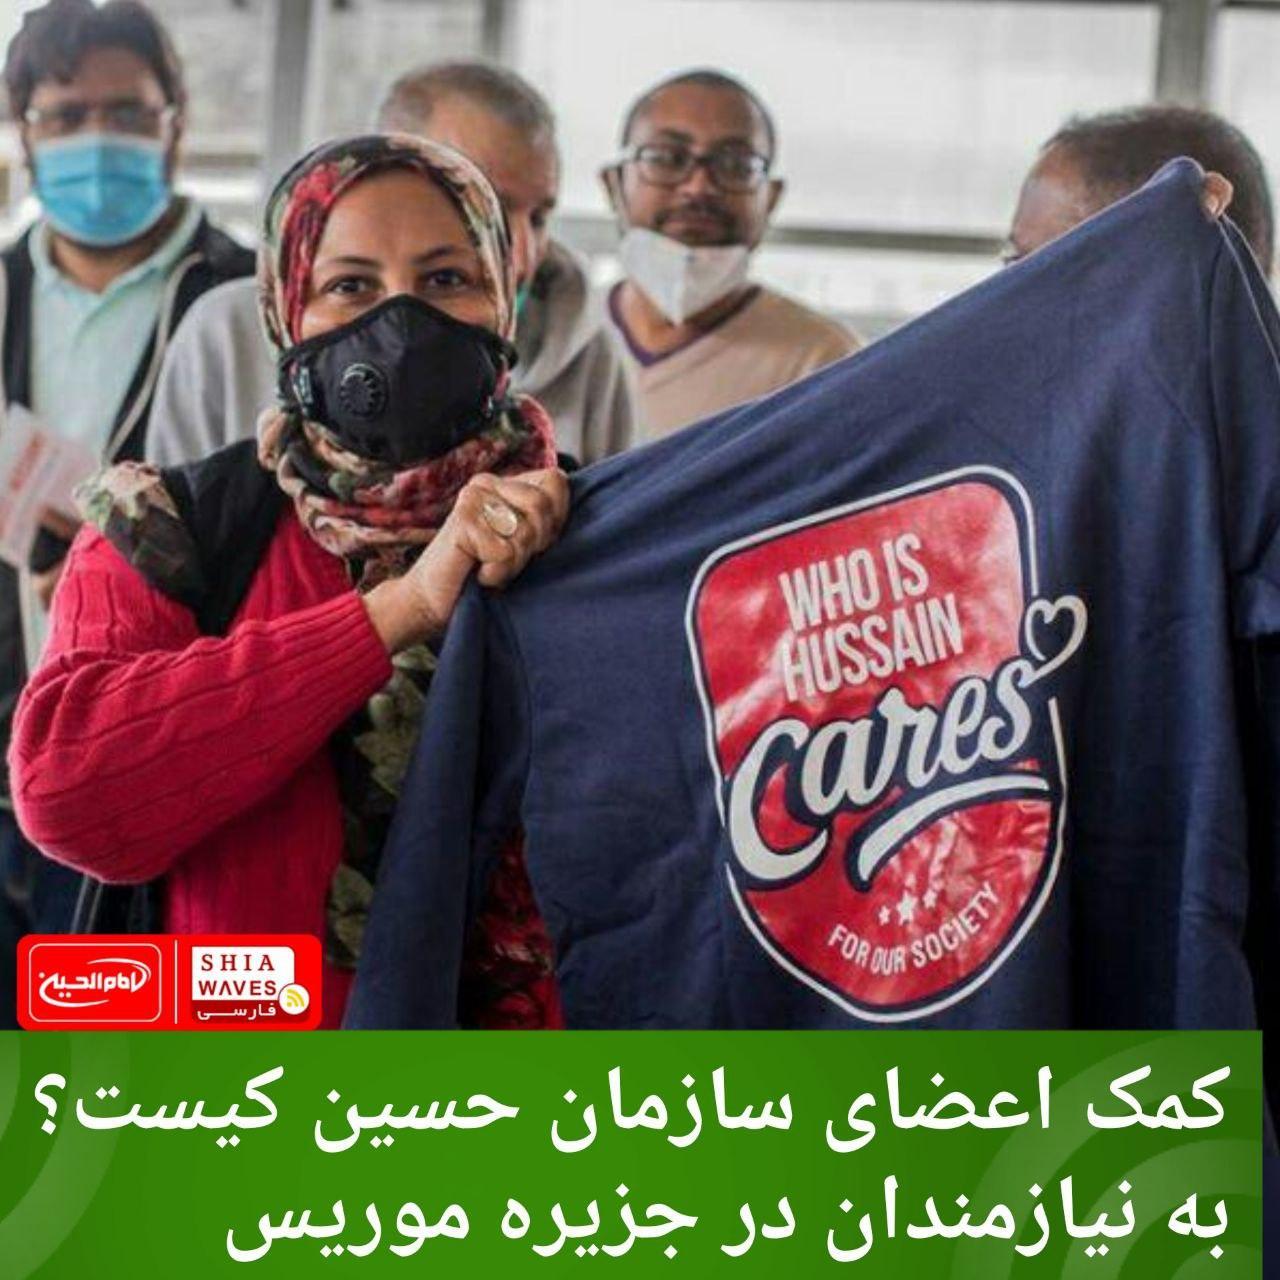 تصویر کمک اعضای سازمان حسین کیست؟ به نیازمندان در جزیره موریس